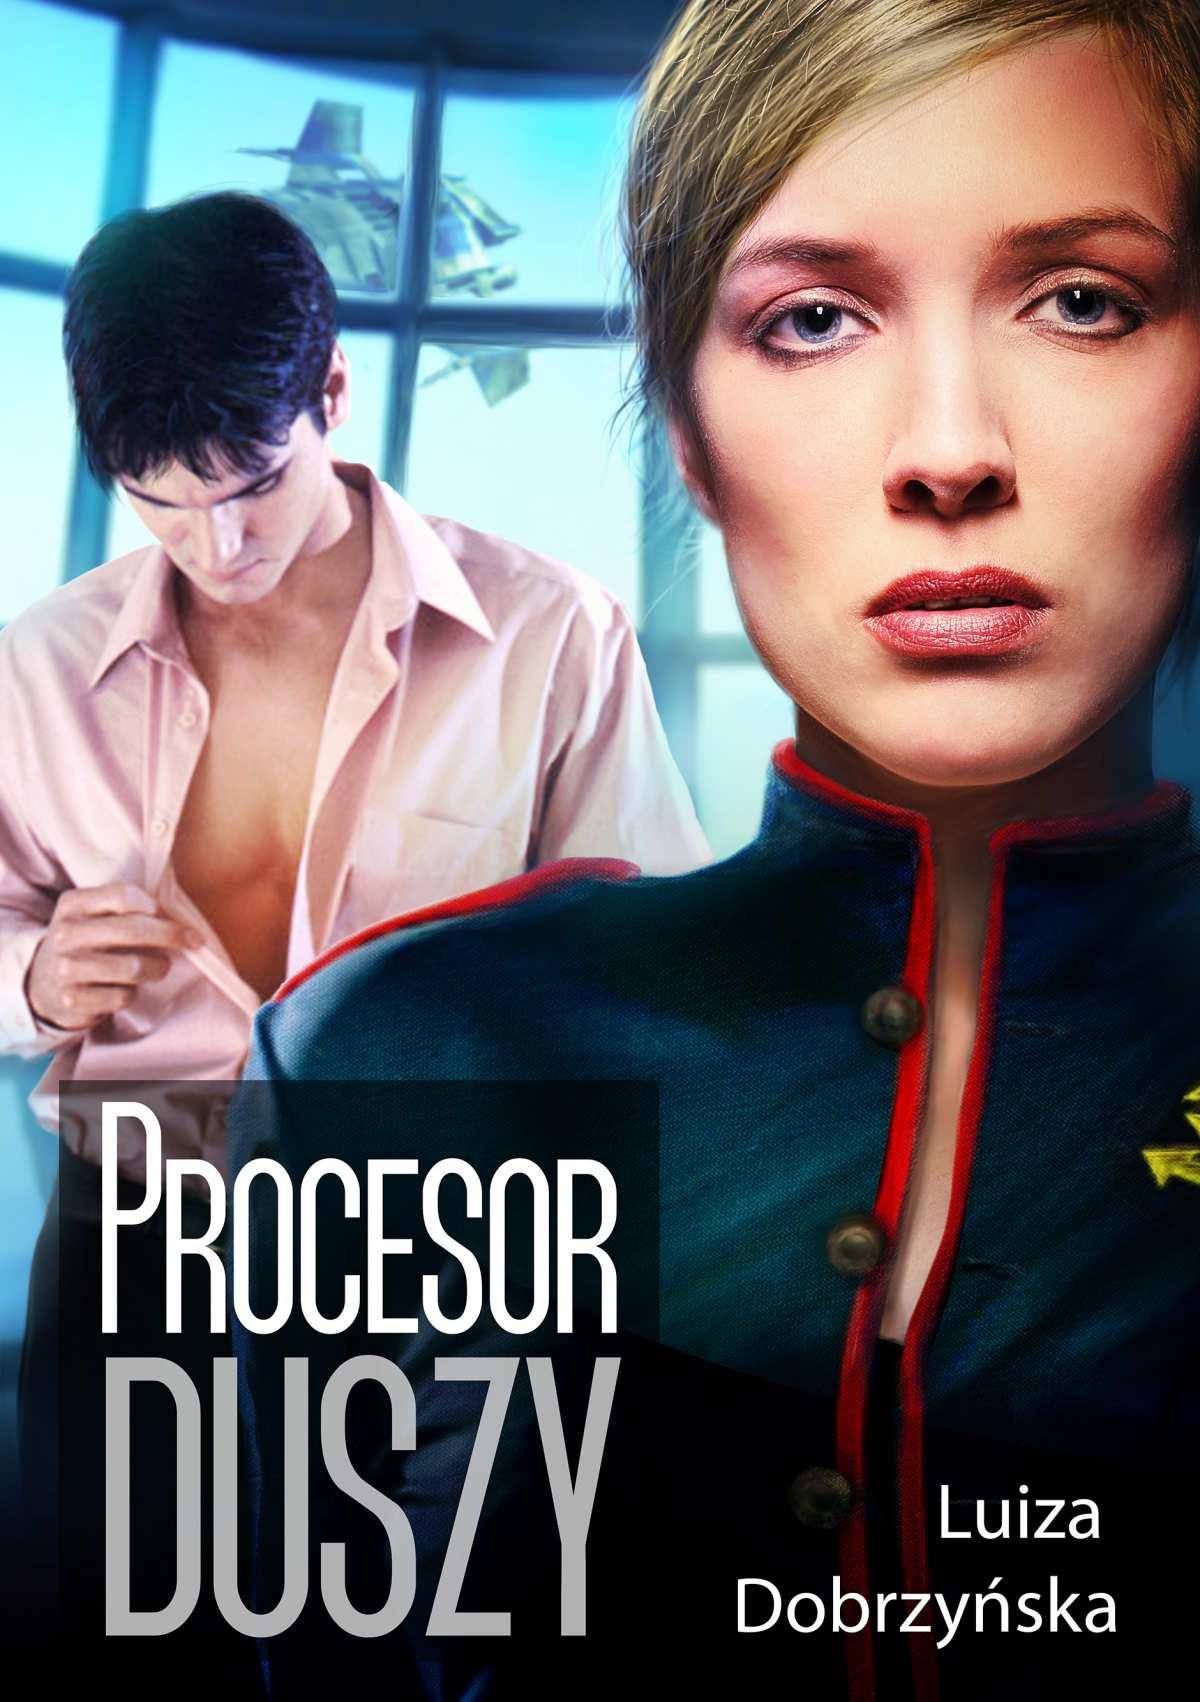 Procesor duszy - Ebook (Książka EPUB) do pobrania w formacie EPUB